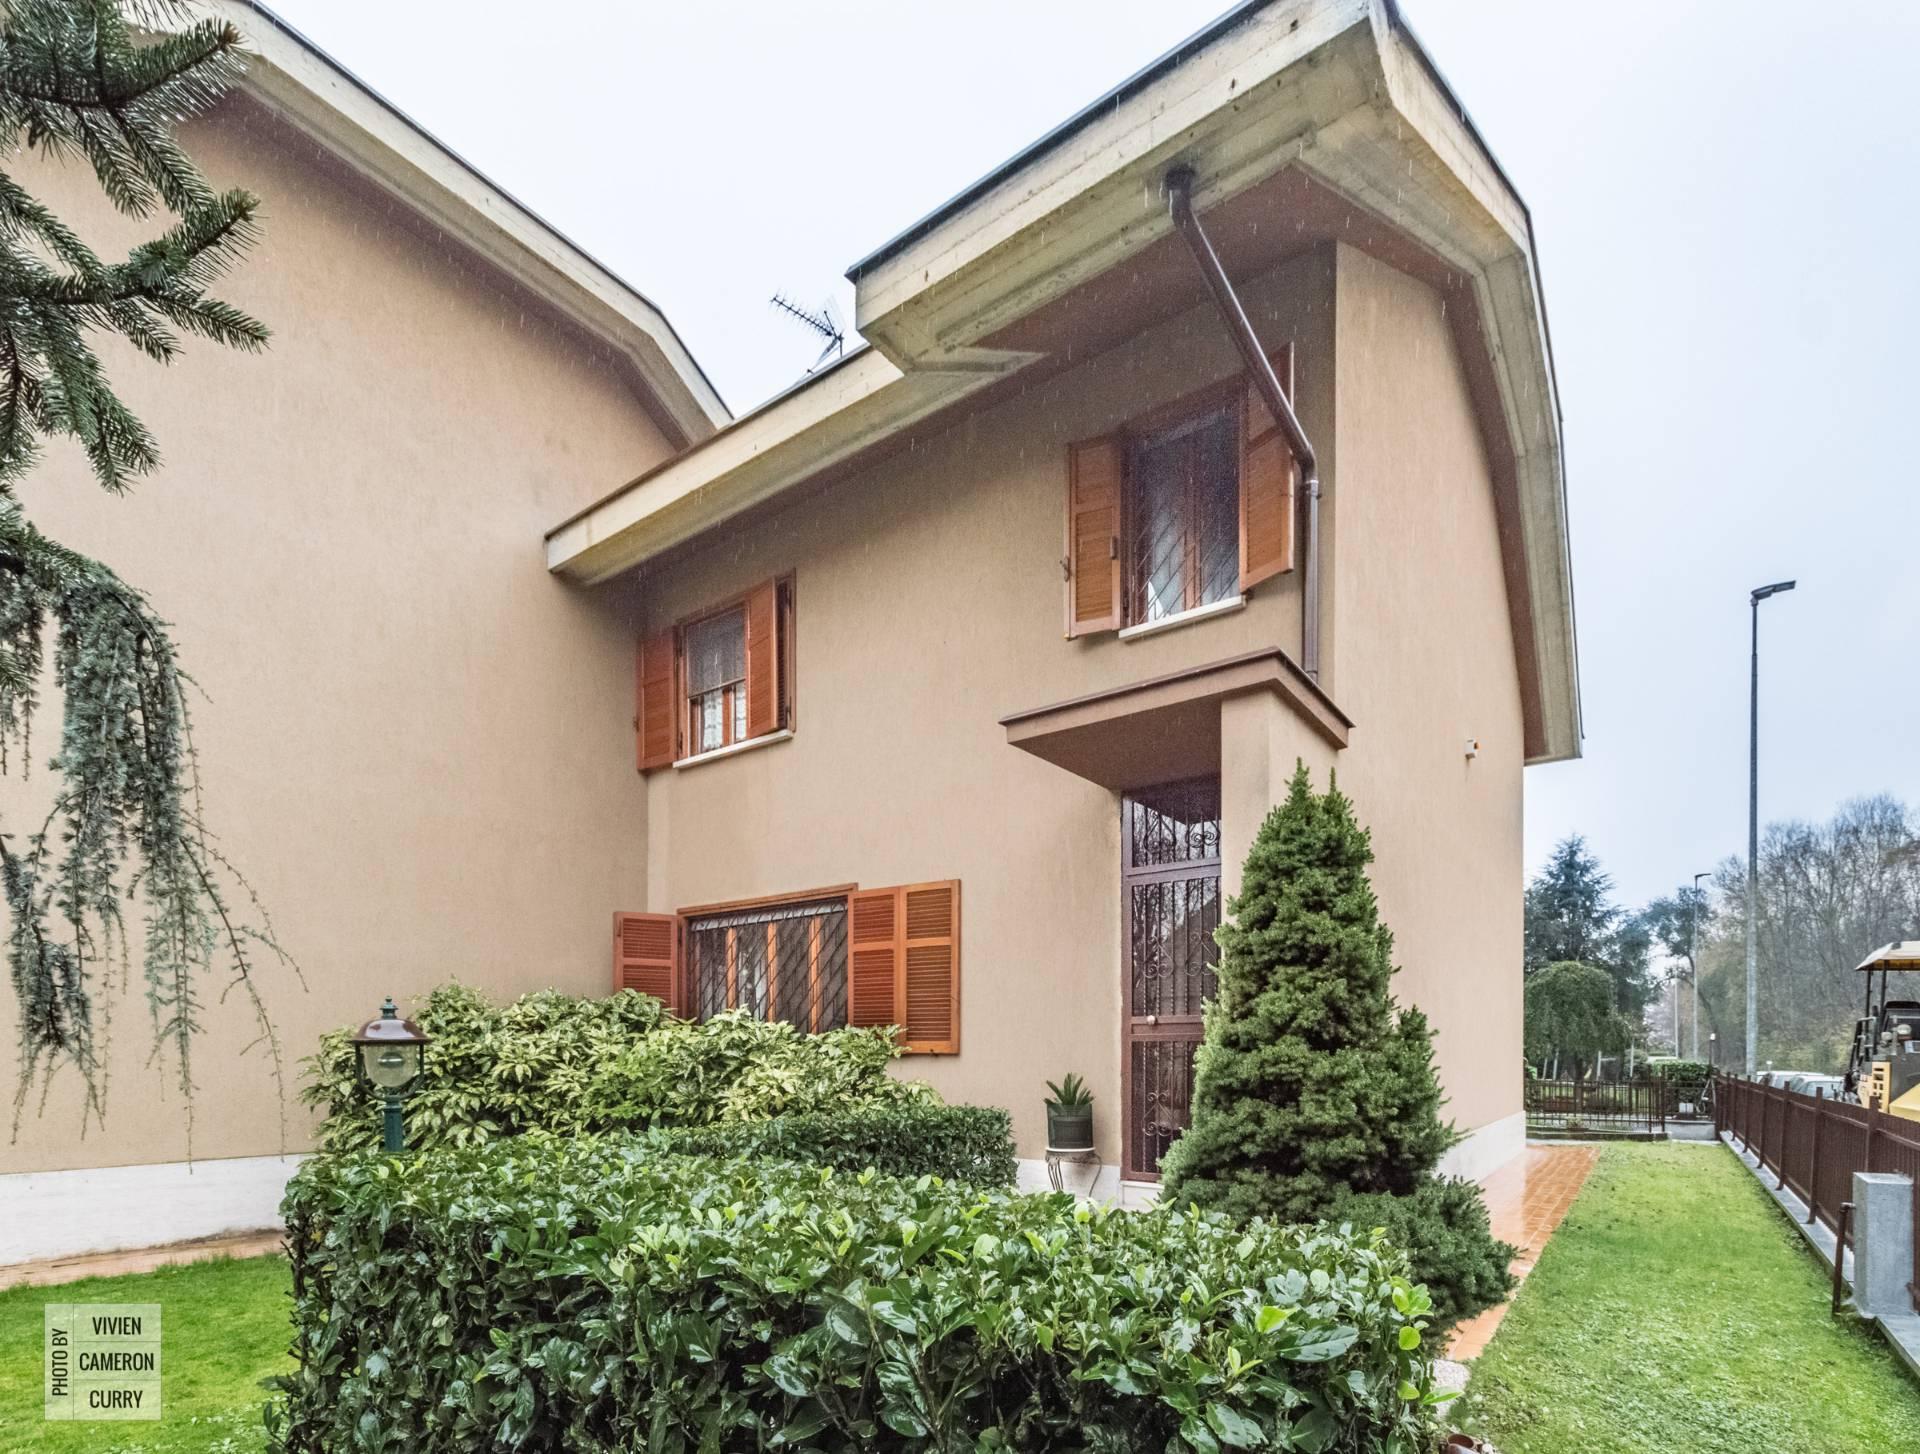 Villa in vendita a Vinovo, 5 locali, prezzo € 279.000 | PortaleAgenzieImmobiliari.it